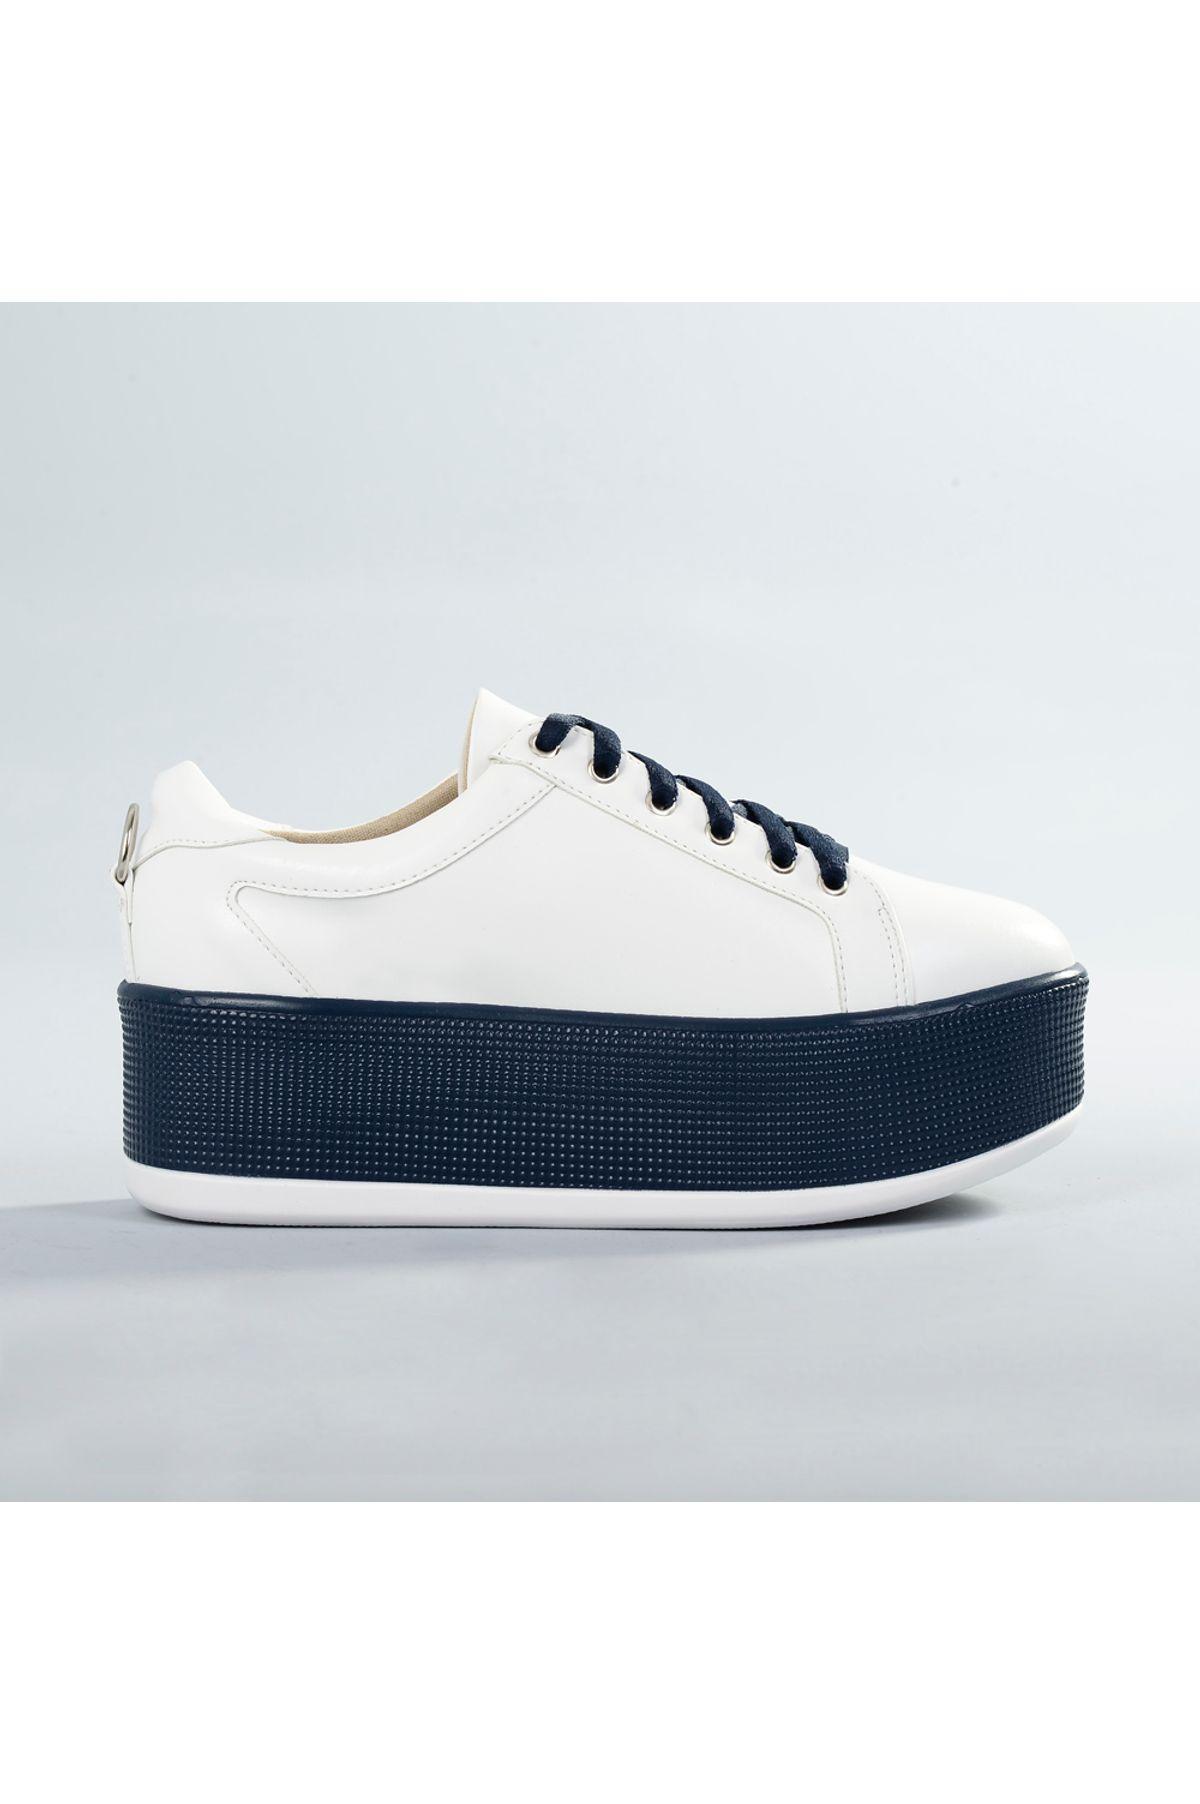 753d79d336a09 Tênis Feminino Dily Mundial   Mundial Calçados - Mundial Calçados